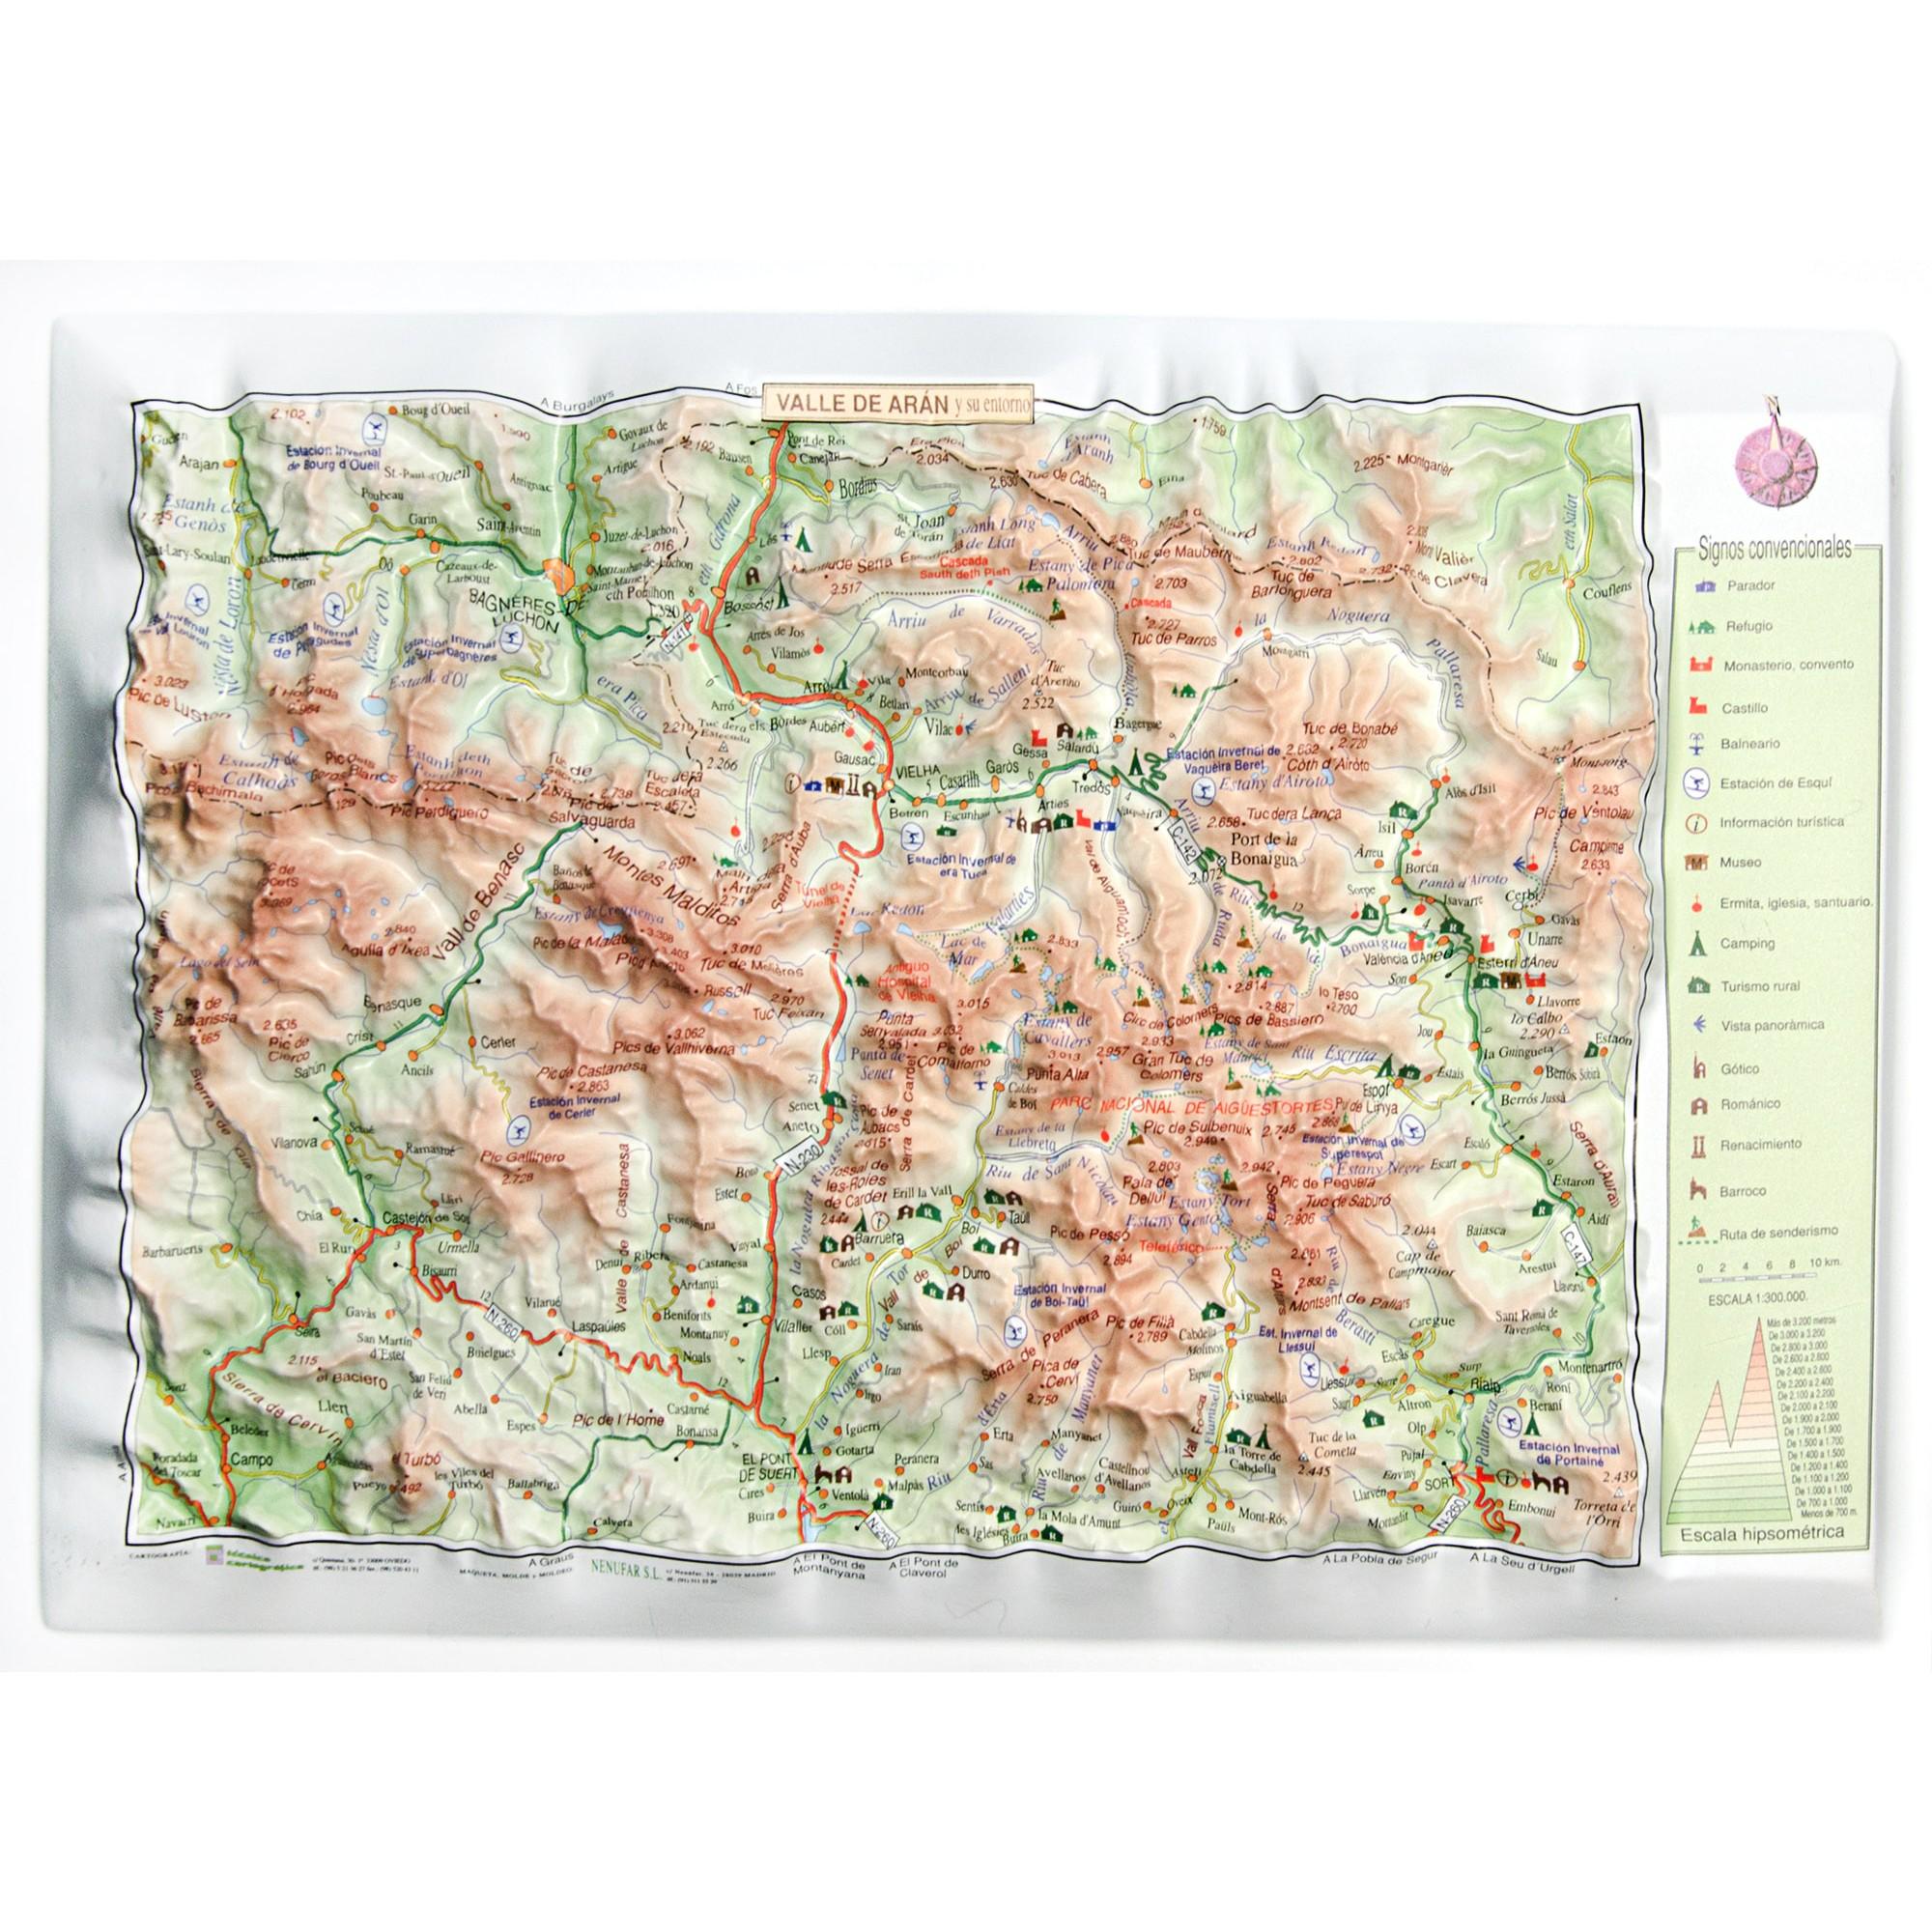 Turistico Valle De Aran Mapa.Valle De Aran Vall D Aran